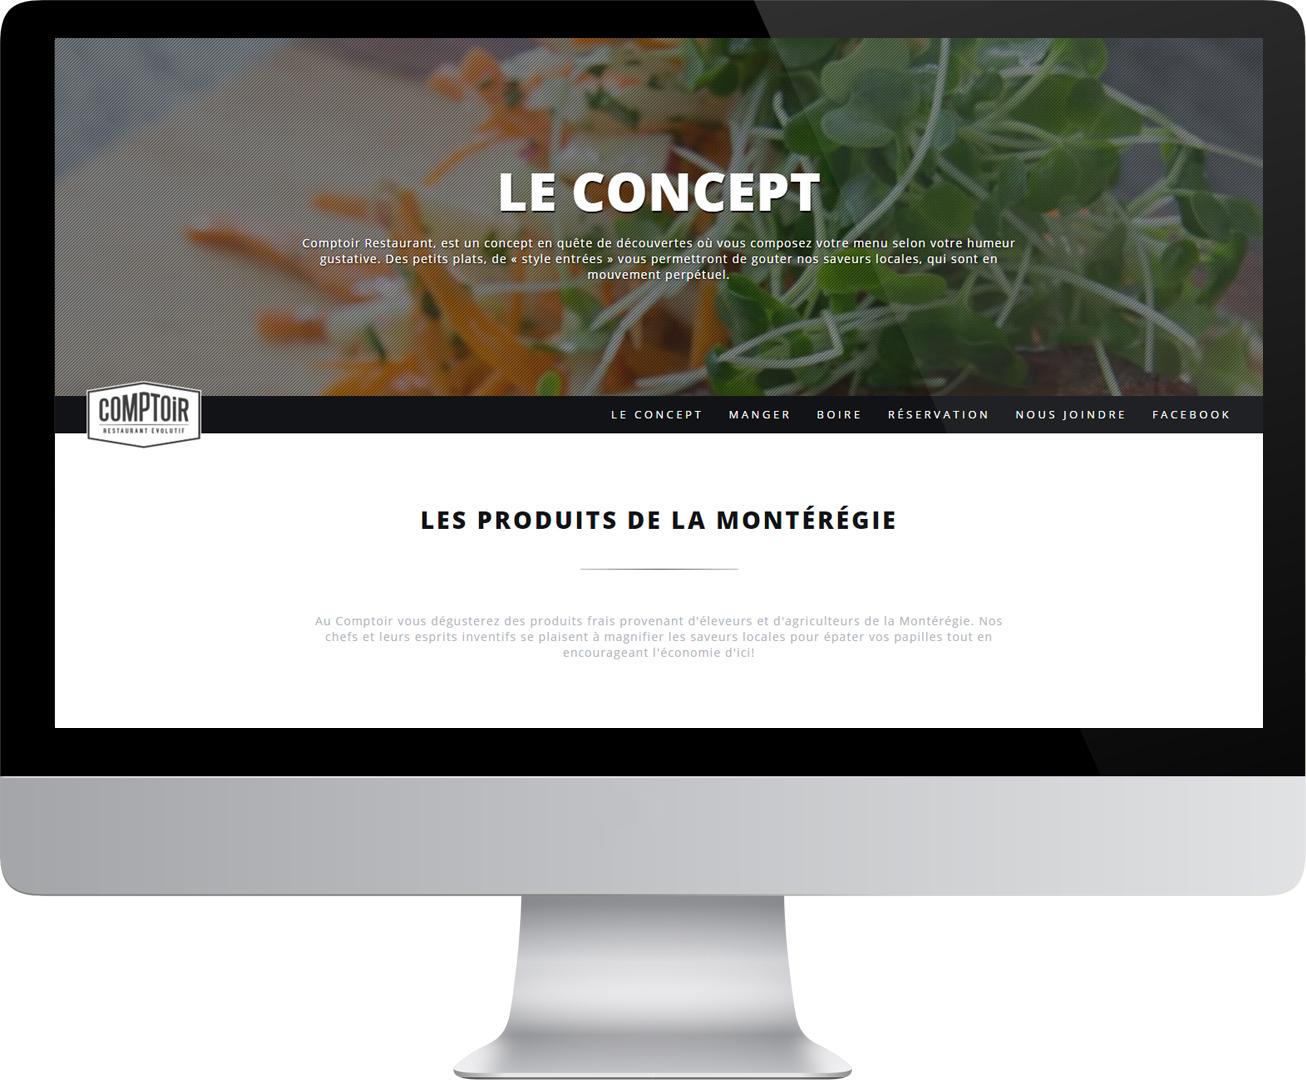 Site Web du Comptoir Restaurant dans un écran d'ordinateur